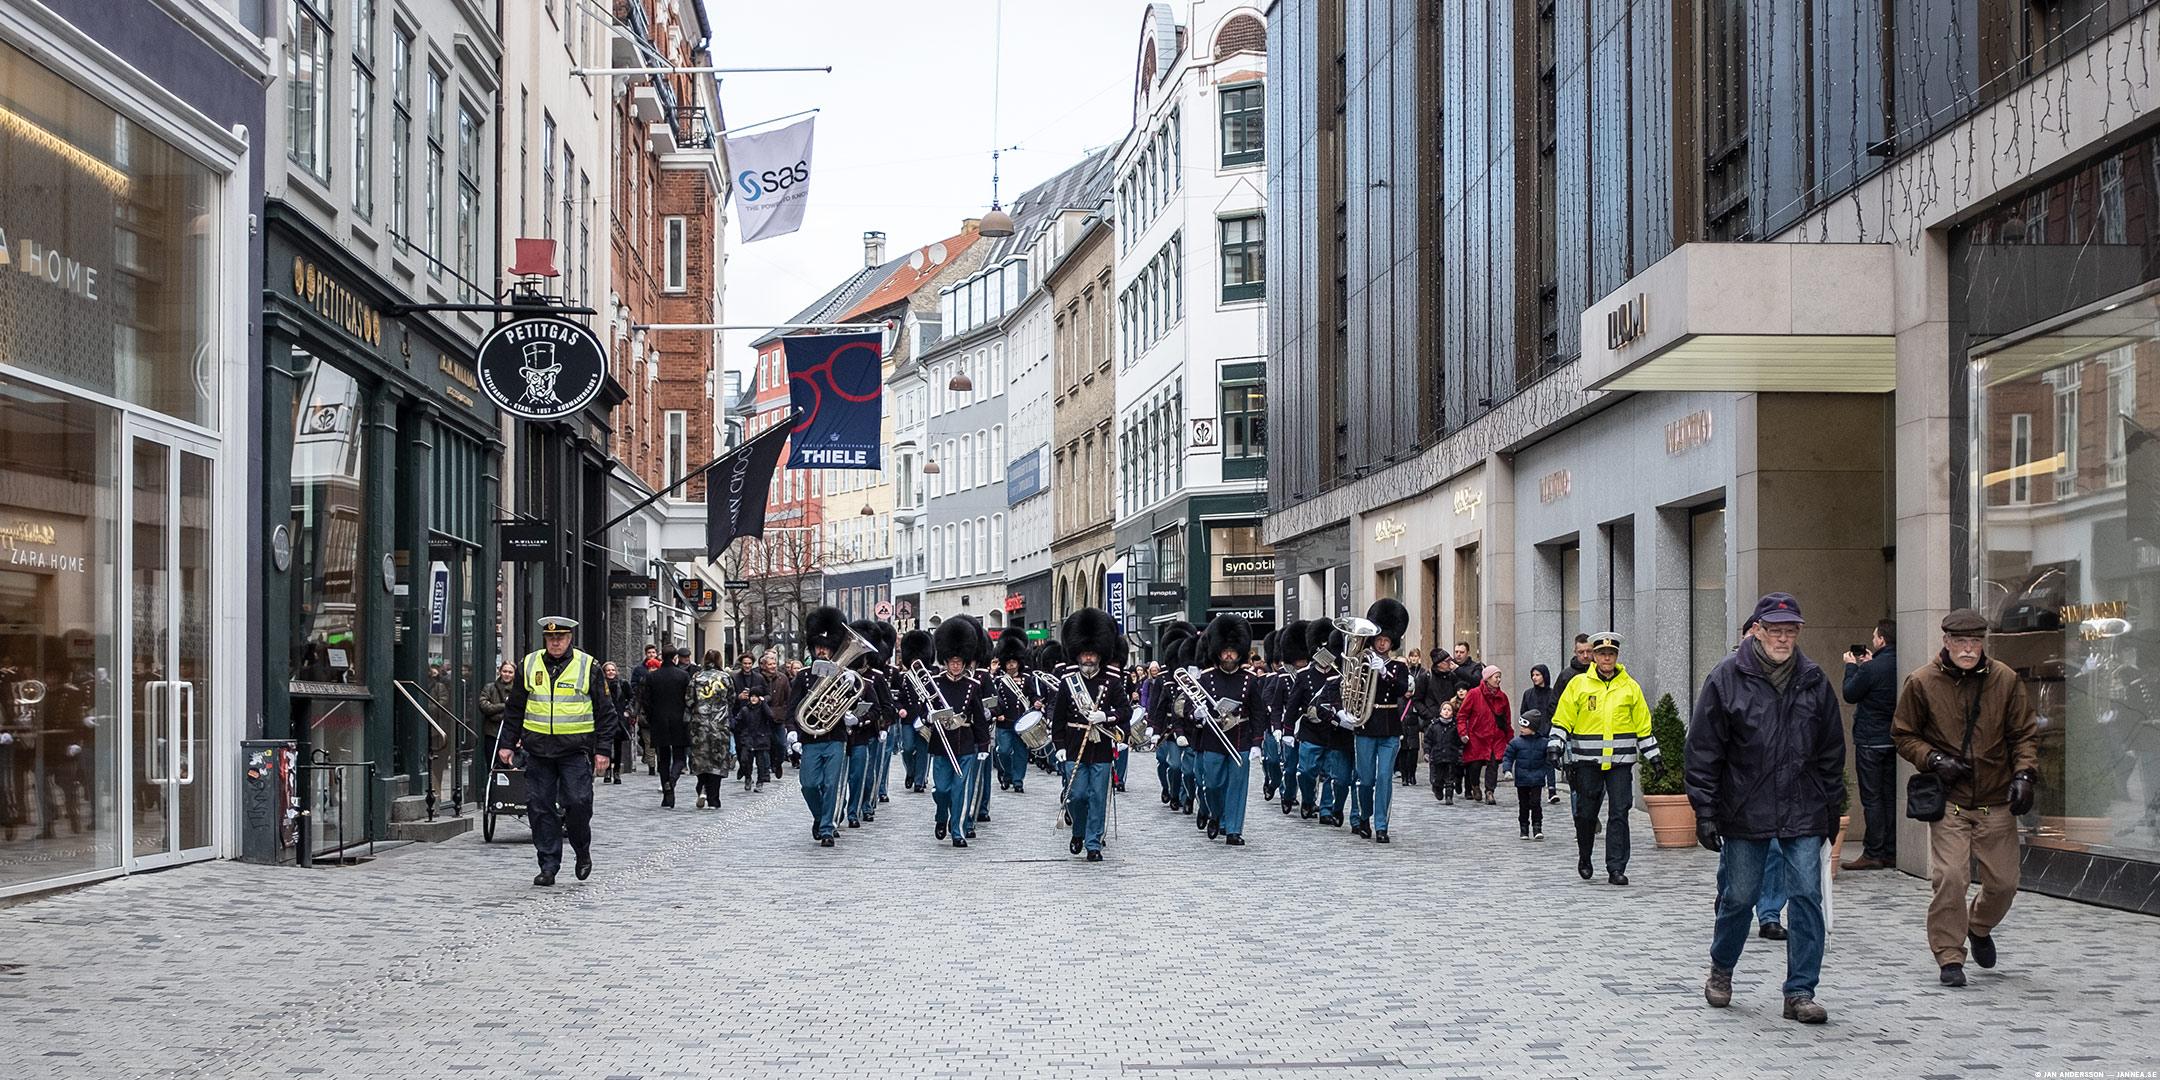 Parad på gata i Köpenhamn |© Jan Andersson